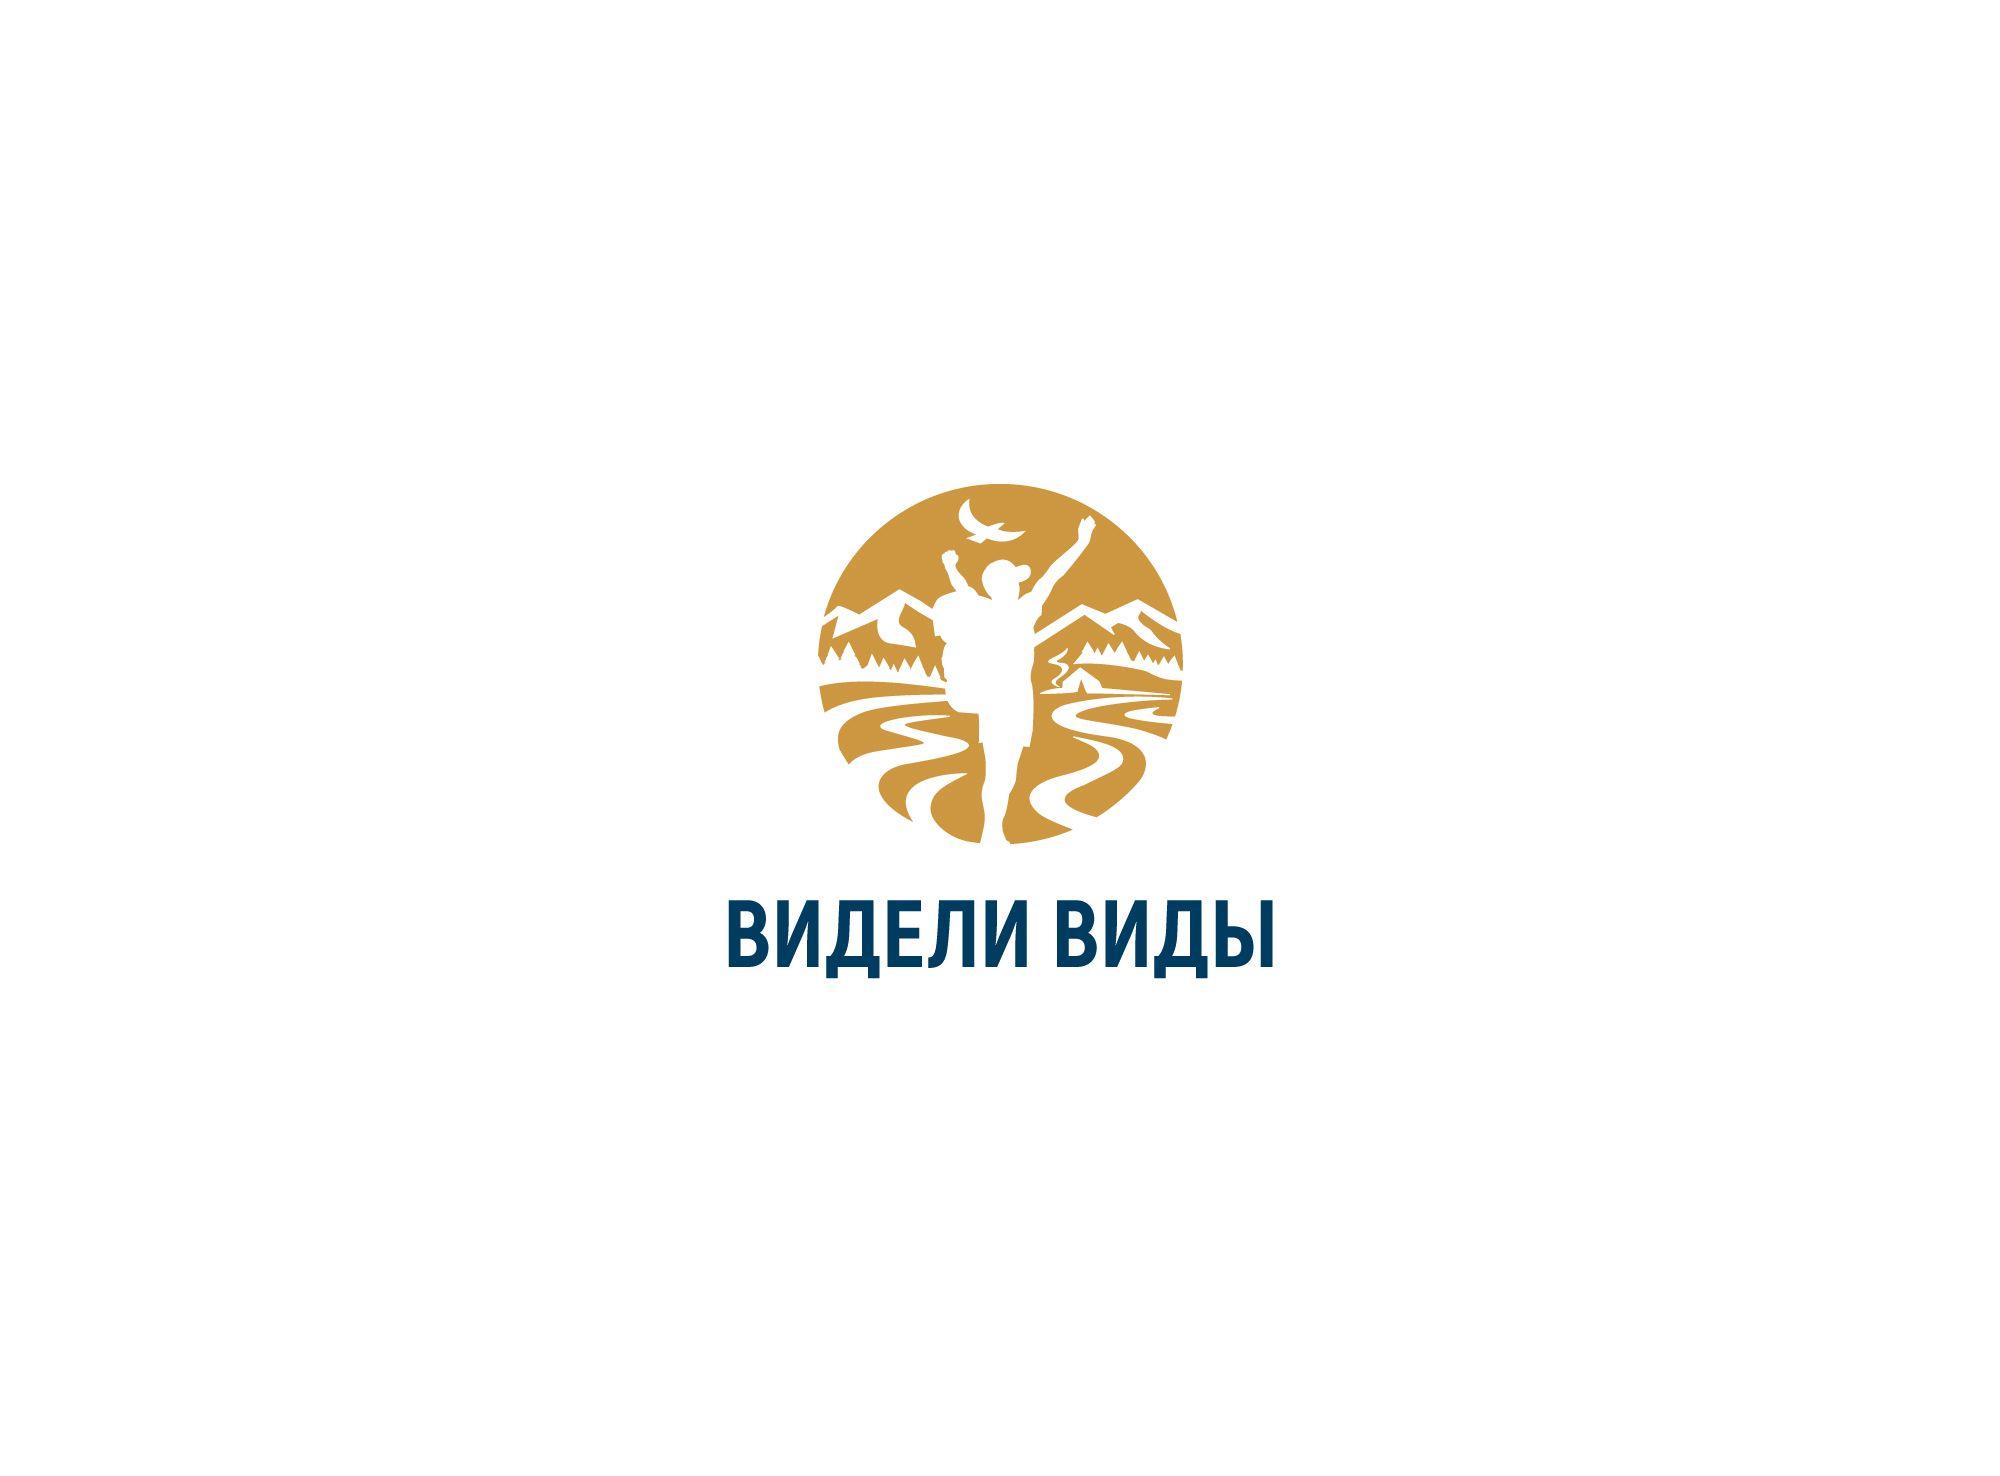 Логотип для Видели Виды - дизайнер shamaevserg